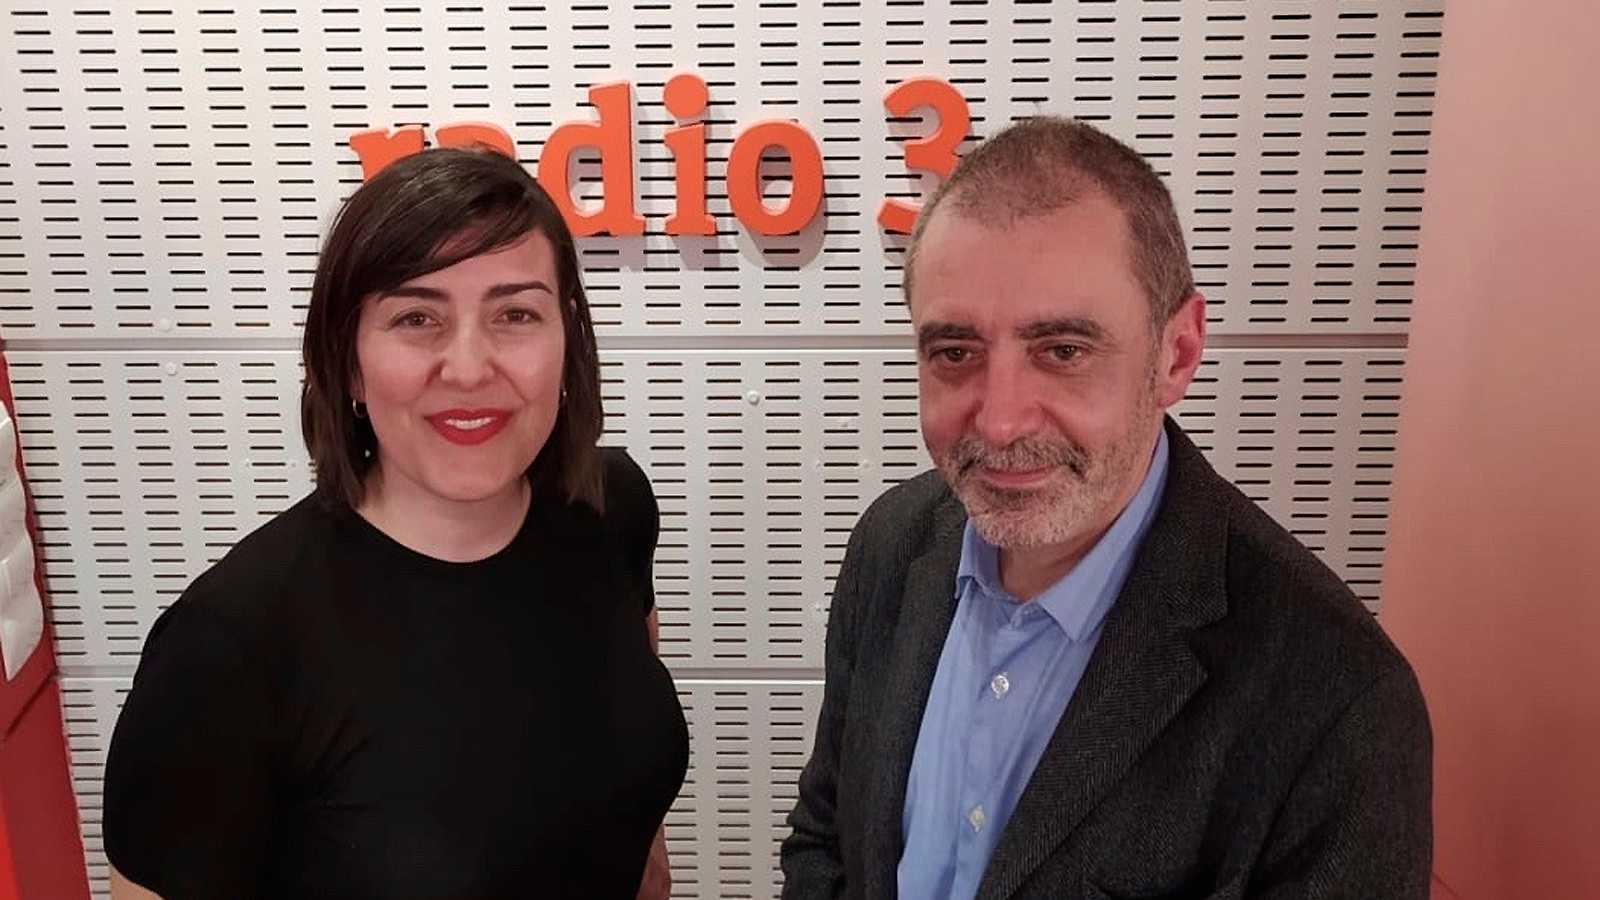 Efecto Doppler - Arte y política con Borja-Villel - 26/02/20 - ESCUCHAR AHORA